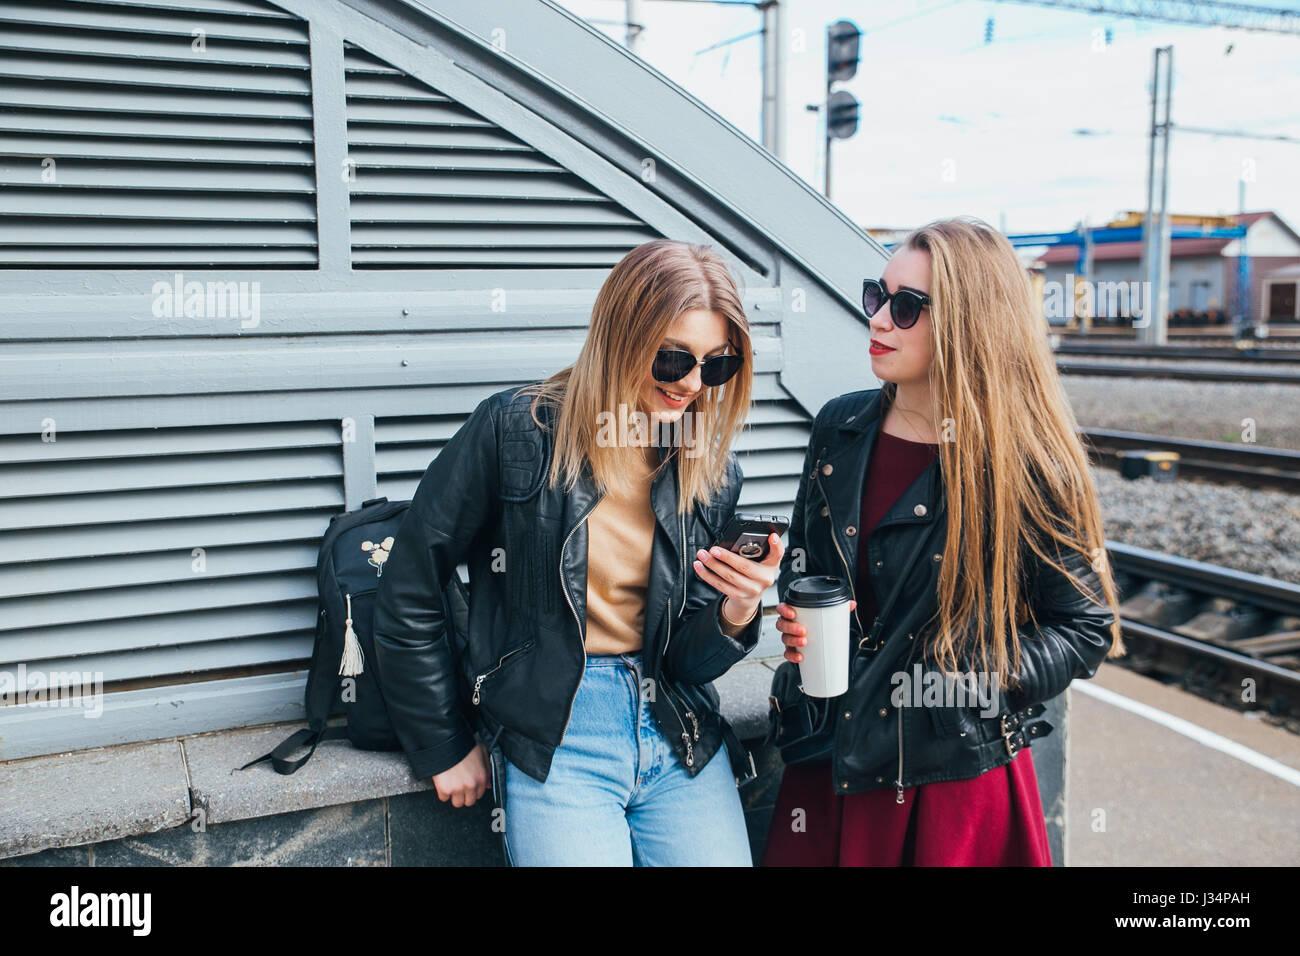 Zwei Frauen sprechen im City.Outdoor Lifestyle Portrait der beiden besten Freunde Hipster-Mädchen tragen stilvolle Stockfoto